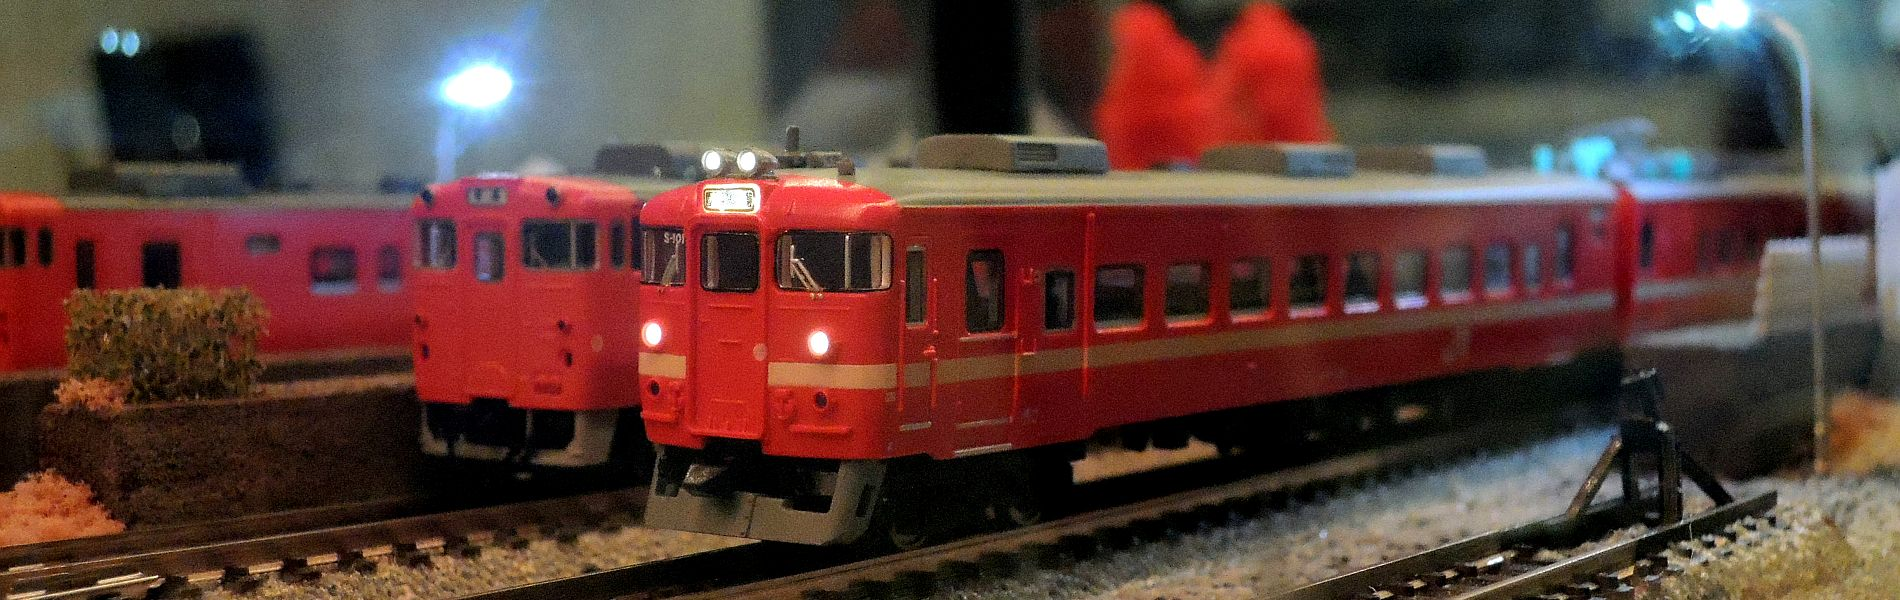 店内には鉄道模型